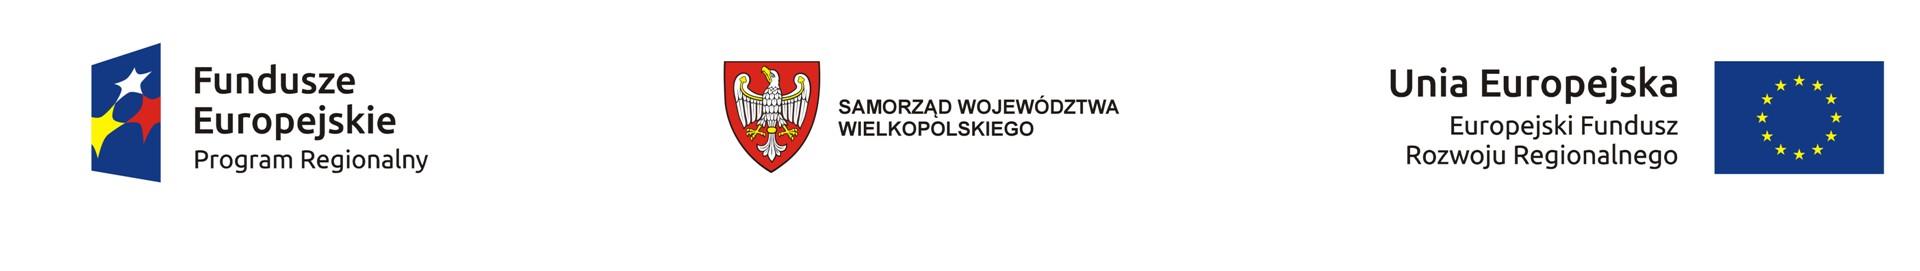 EFRR_Samorzad_kolor1